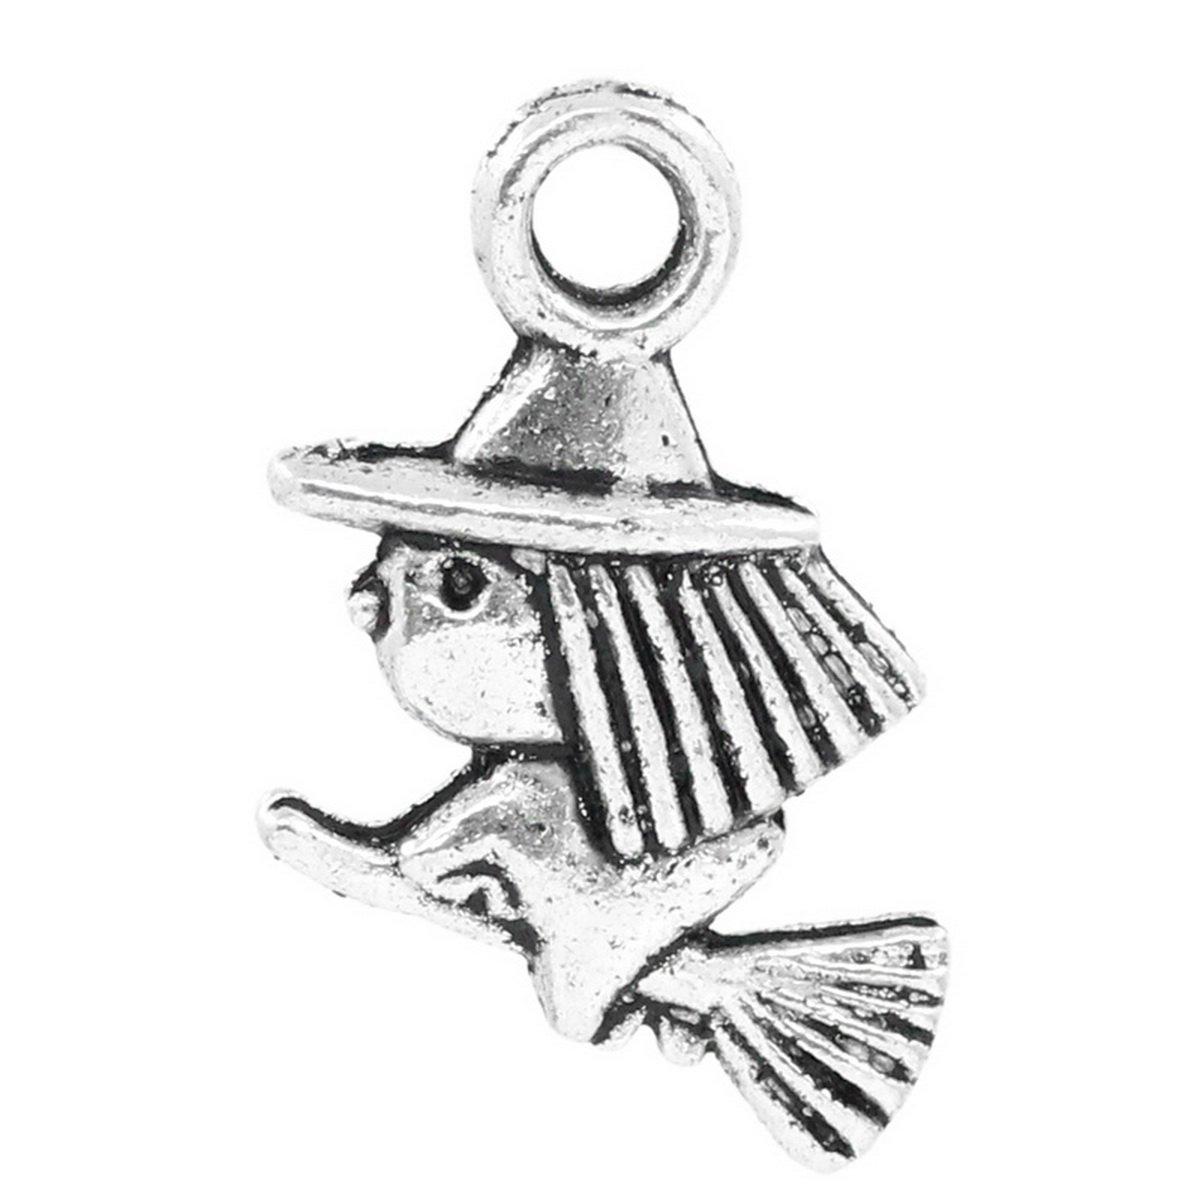 HOUSWEETY 50PCs Halloween Charm Pendants Witch & Broom Silver Tone 13x10mm(4/8x3/8) HOUSWEETYB23146